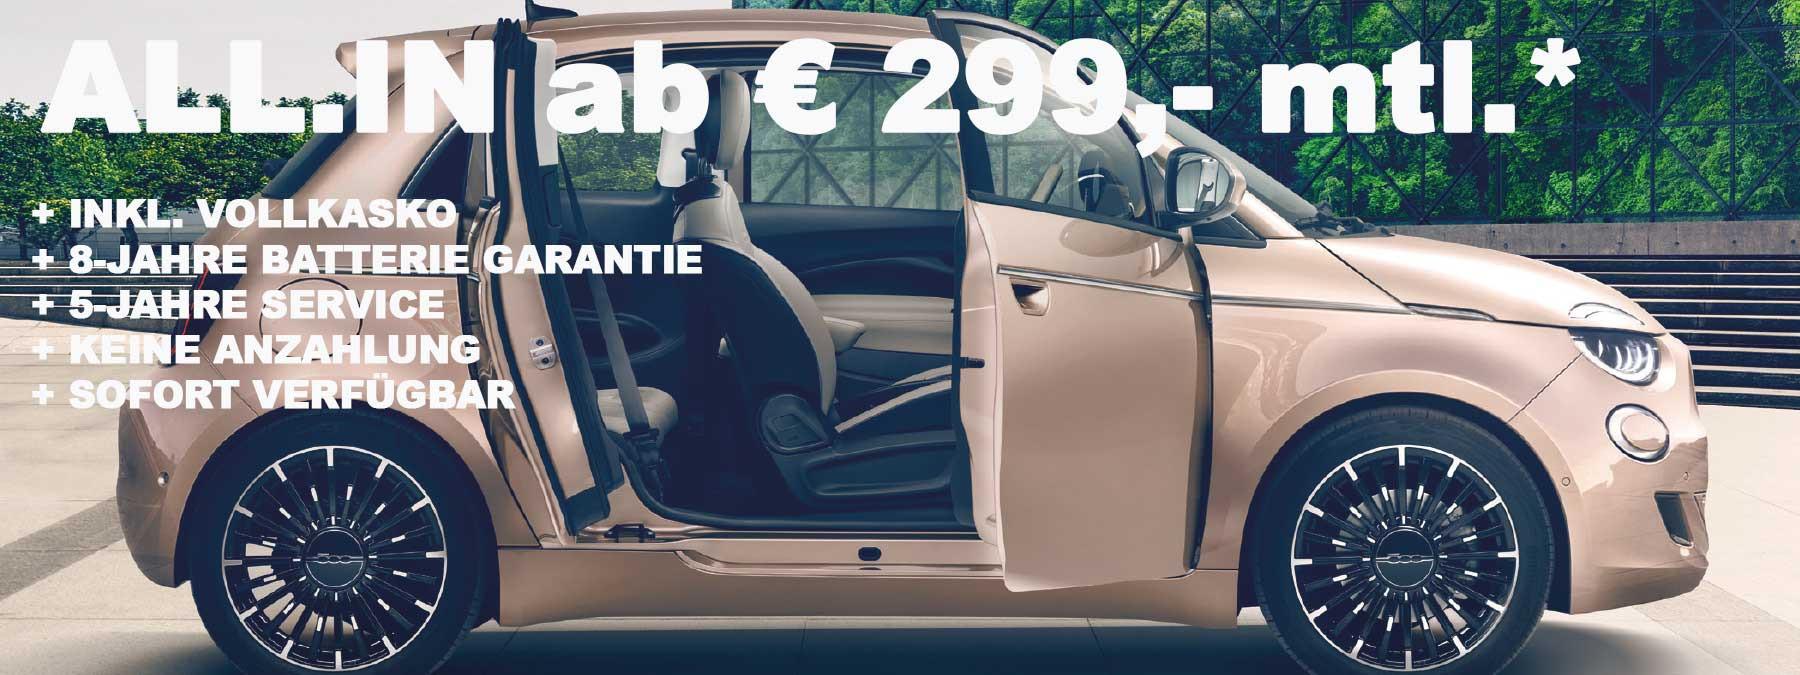 Fiat 500e All.In